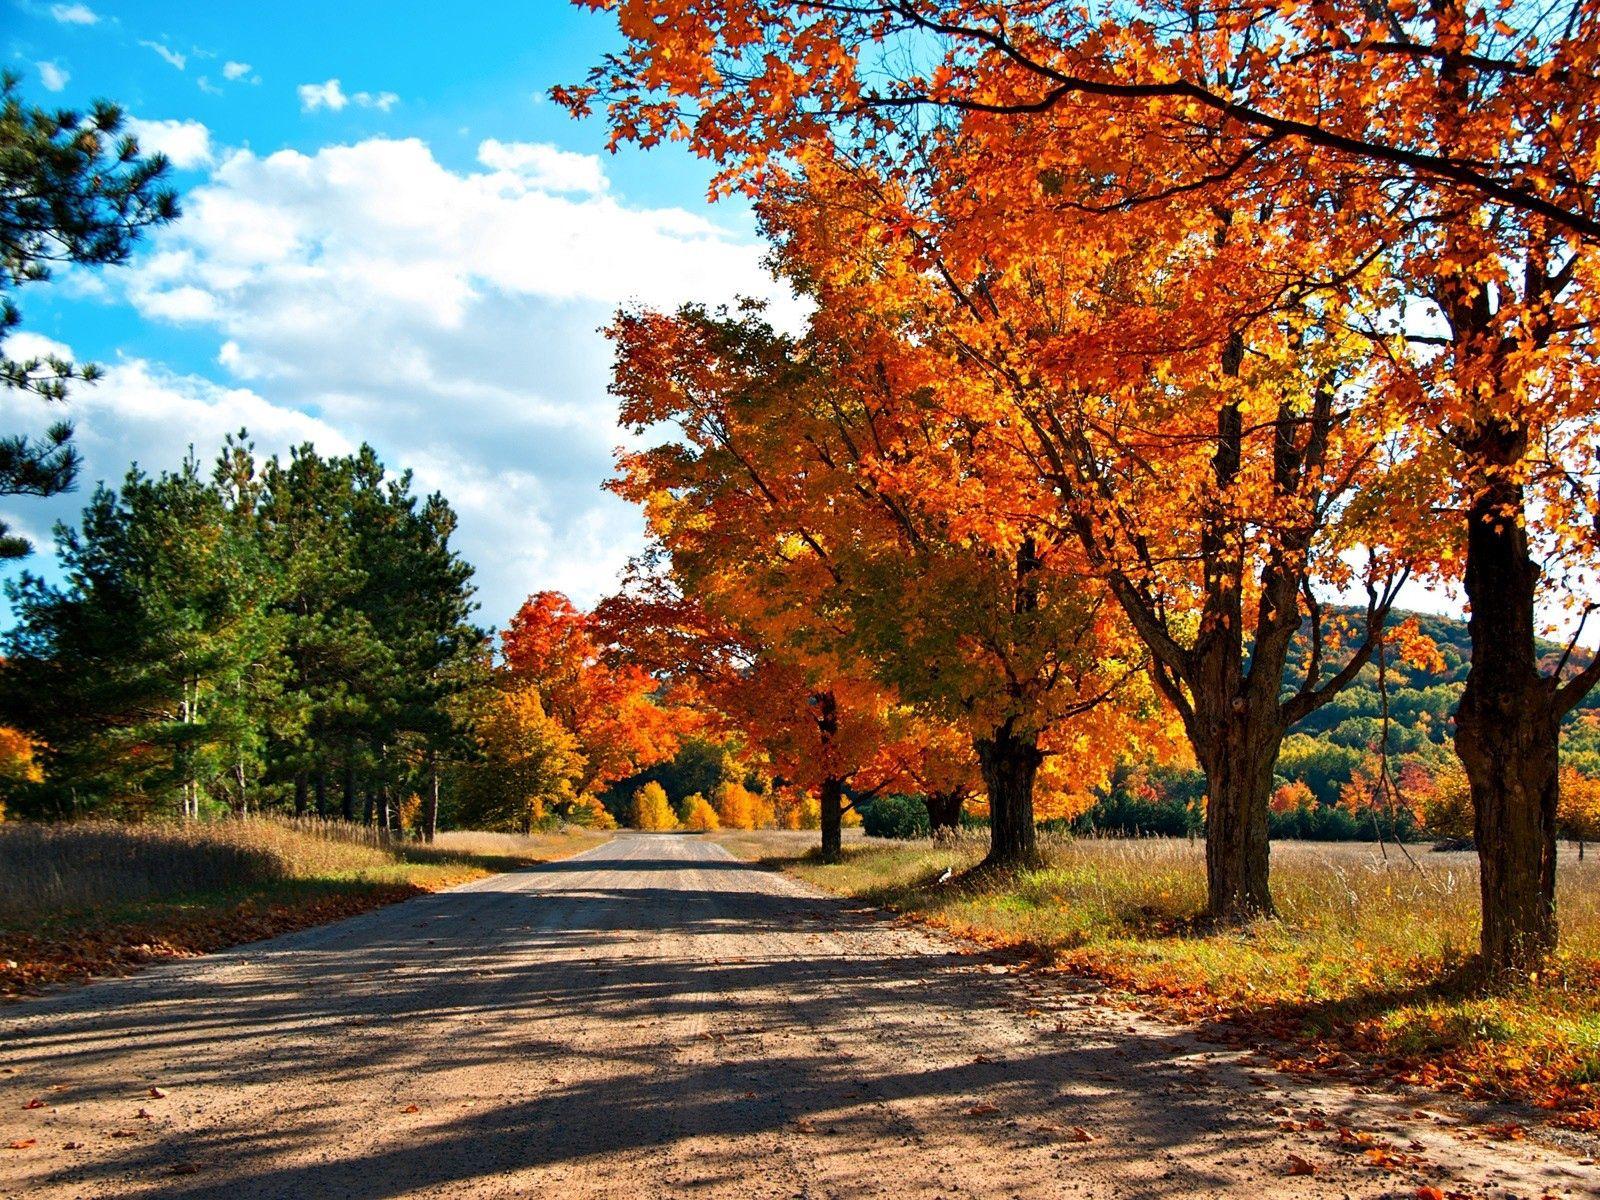 135326 скачать Желтые обои на телефон бесплатно, Осень, Природа, Деревья, Листья, Дорога, Тени Желтые картинки и заставки на мобильный